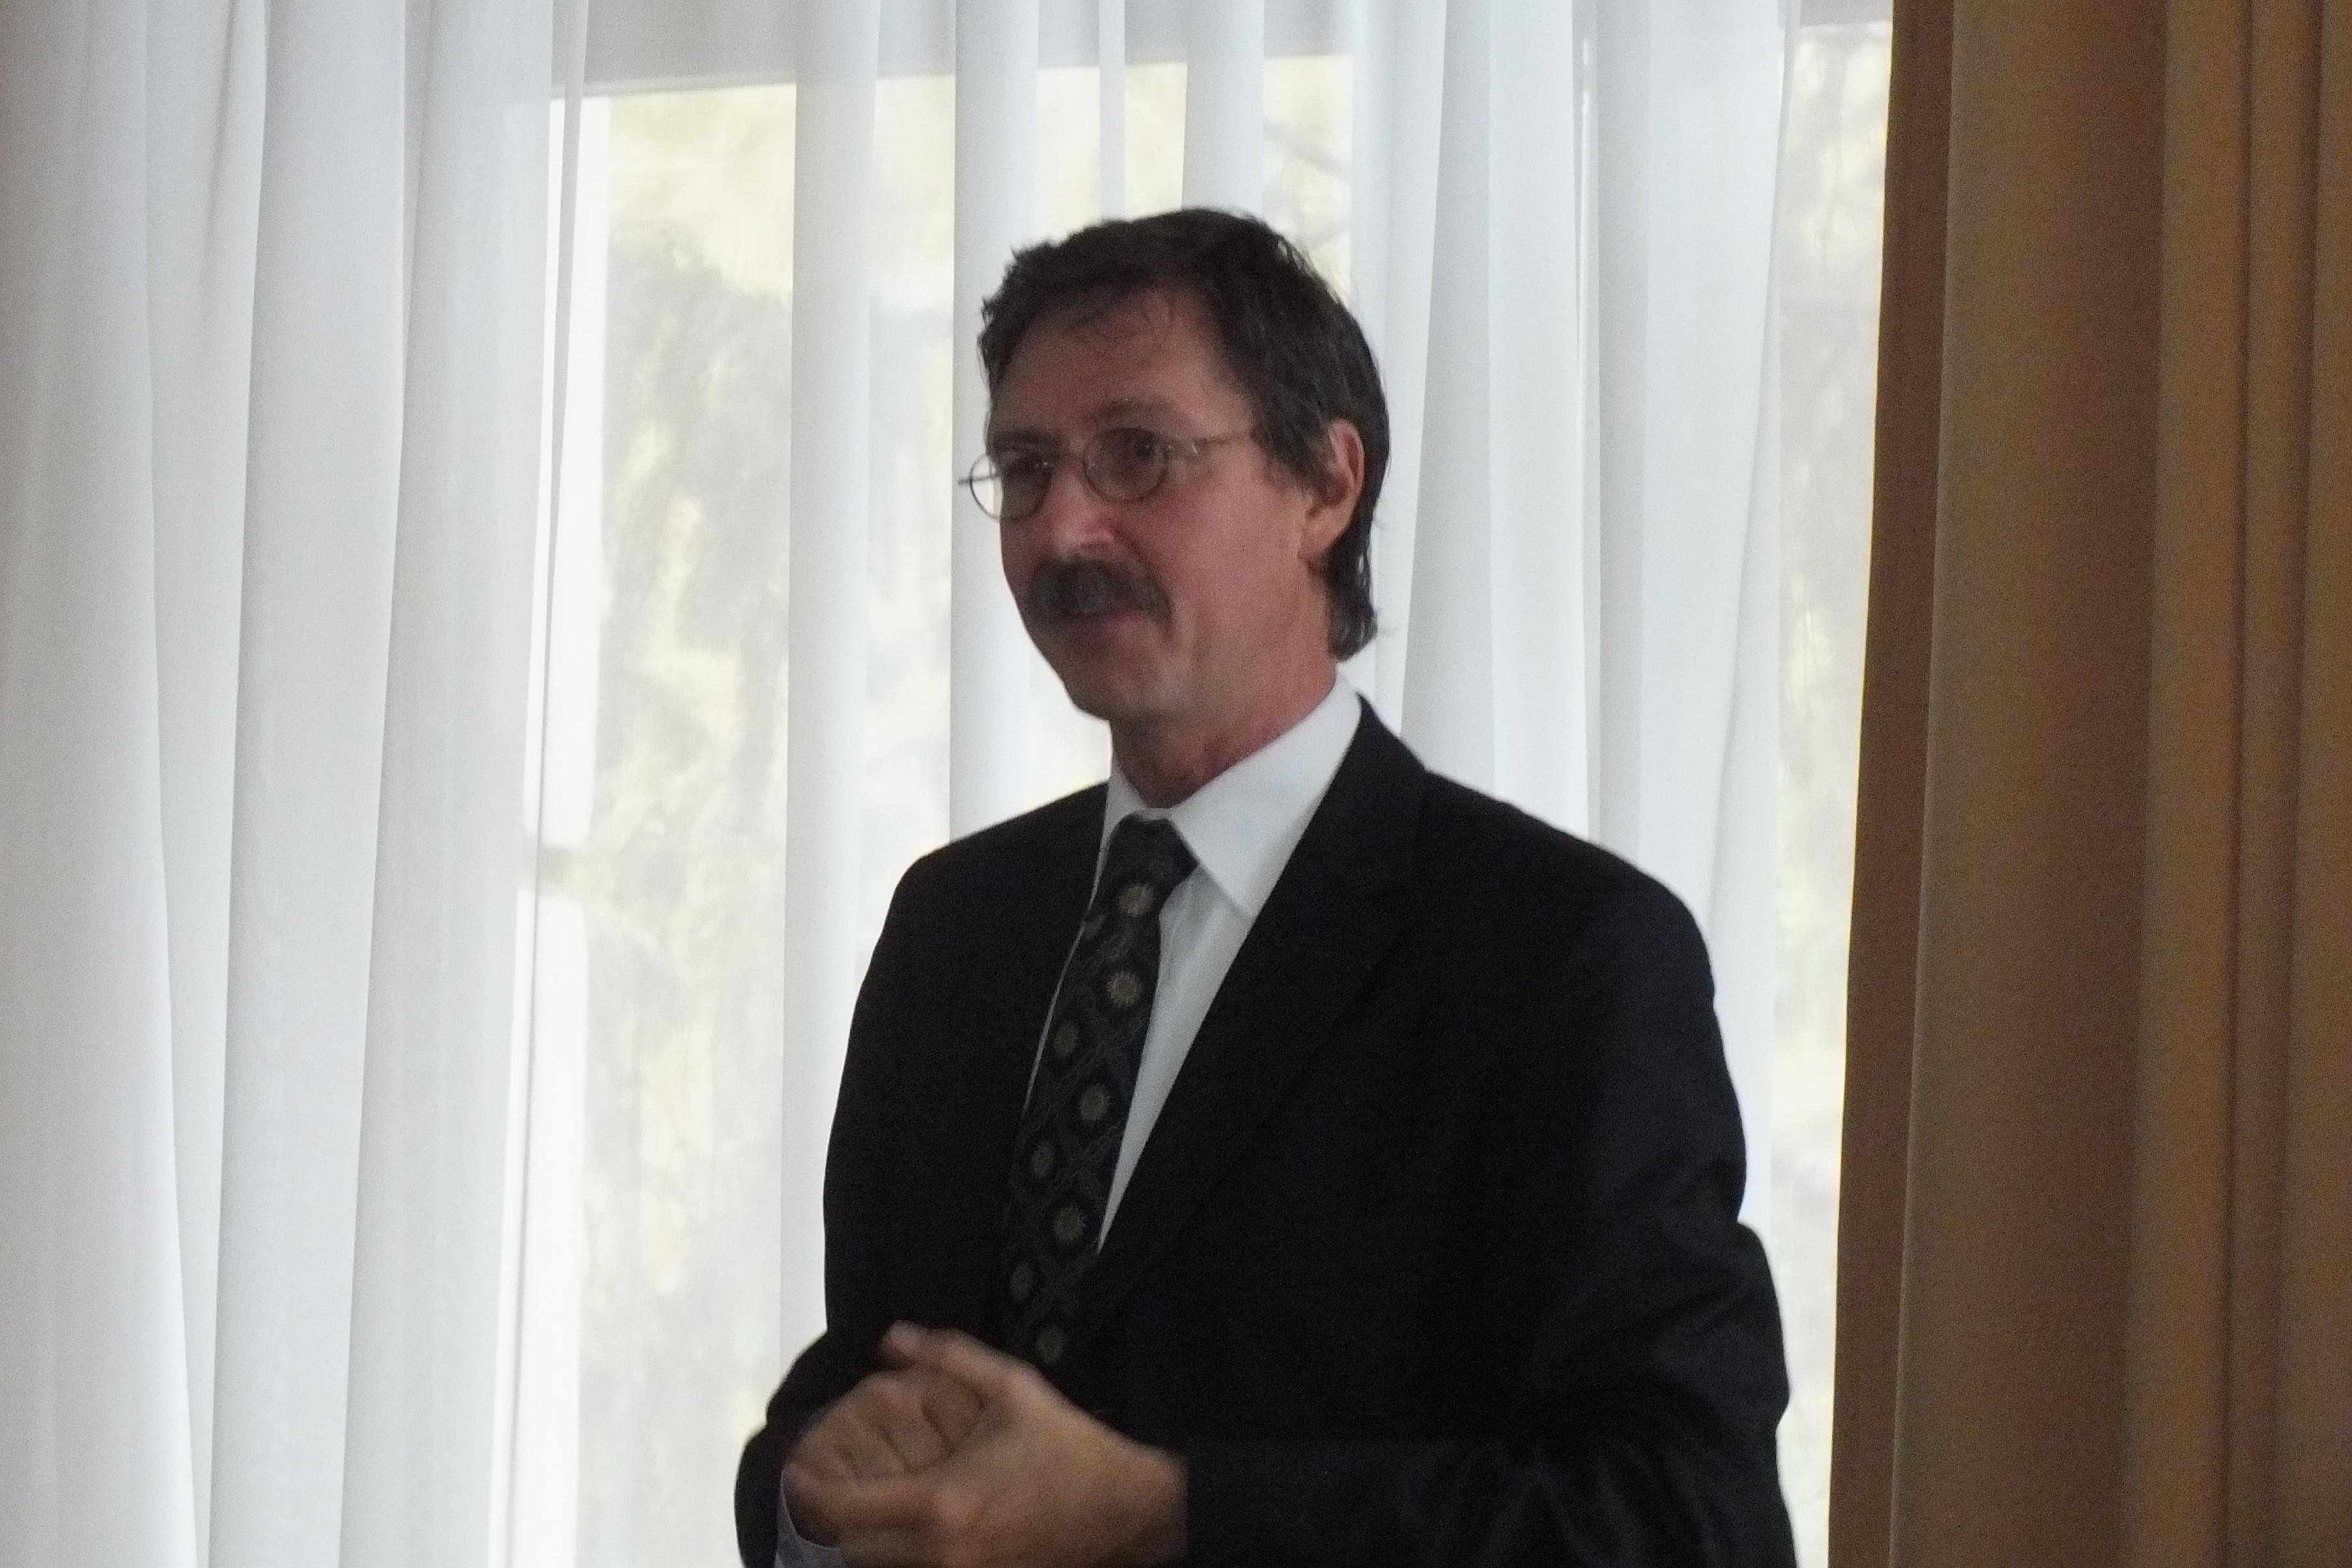 Raoul Hennekam professzor előadása a DAB Székházban – október 12.